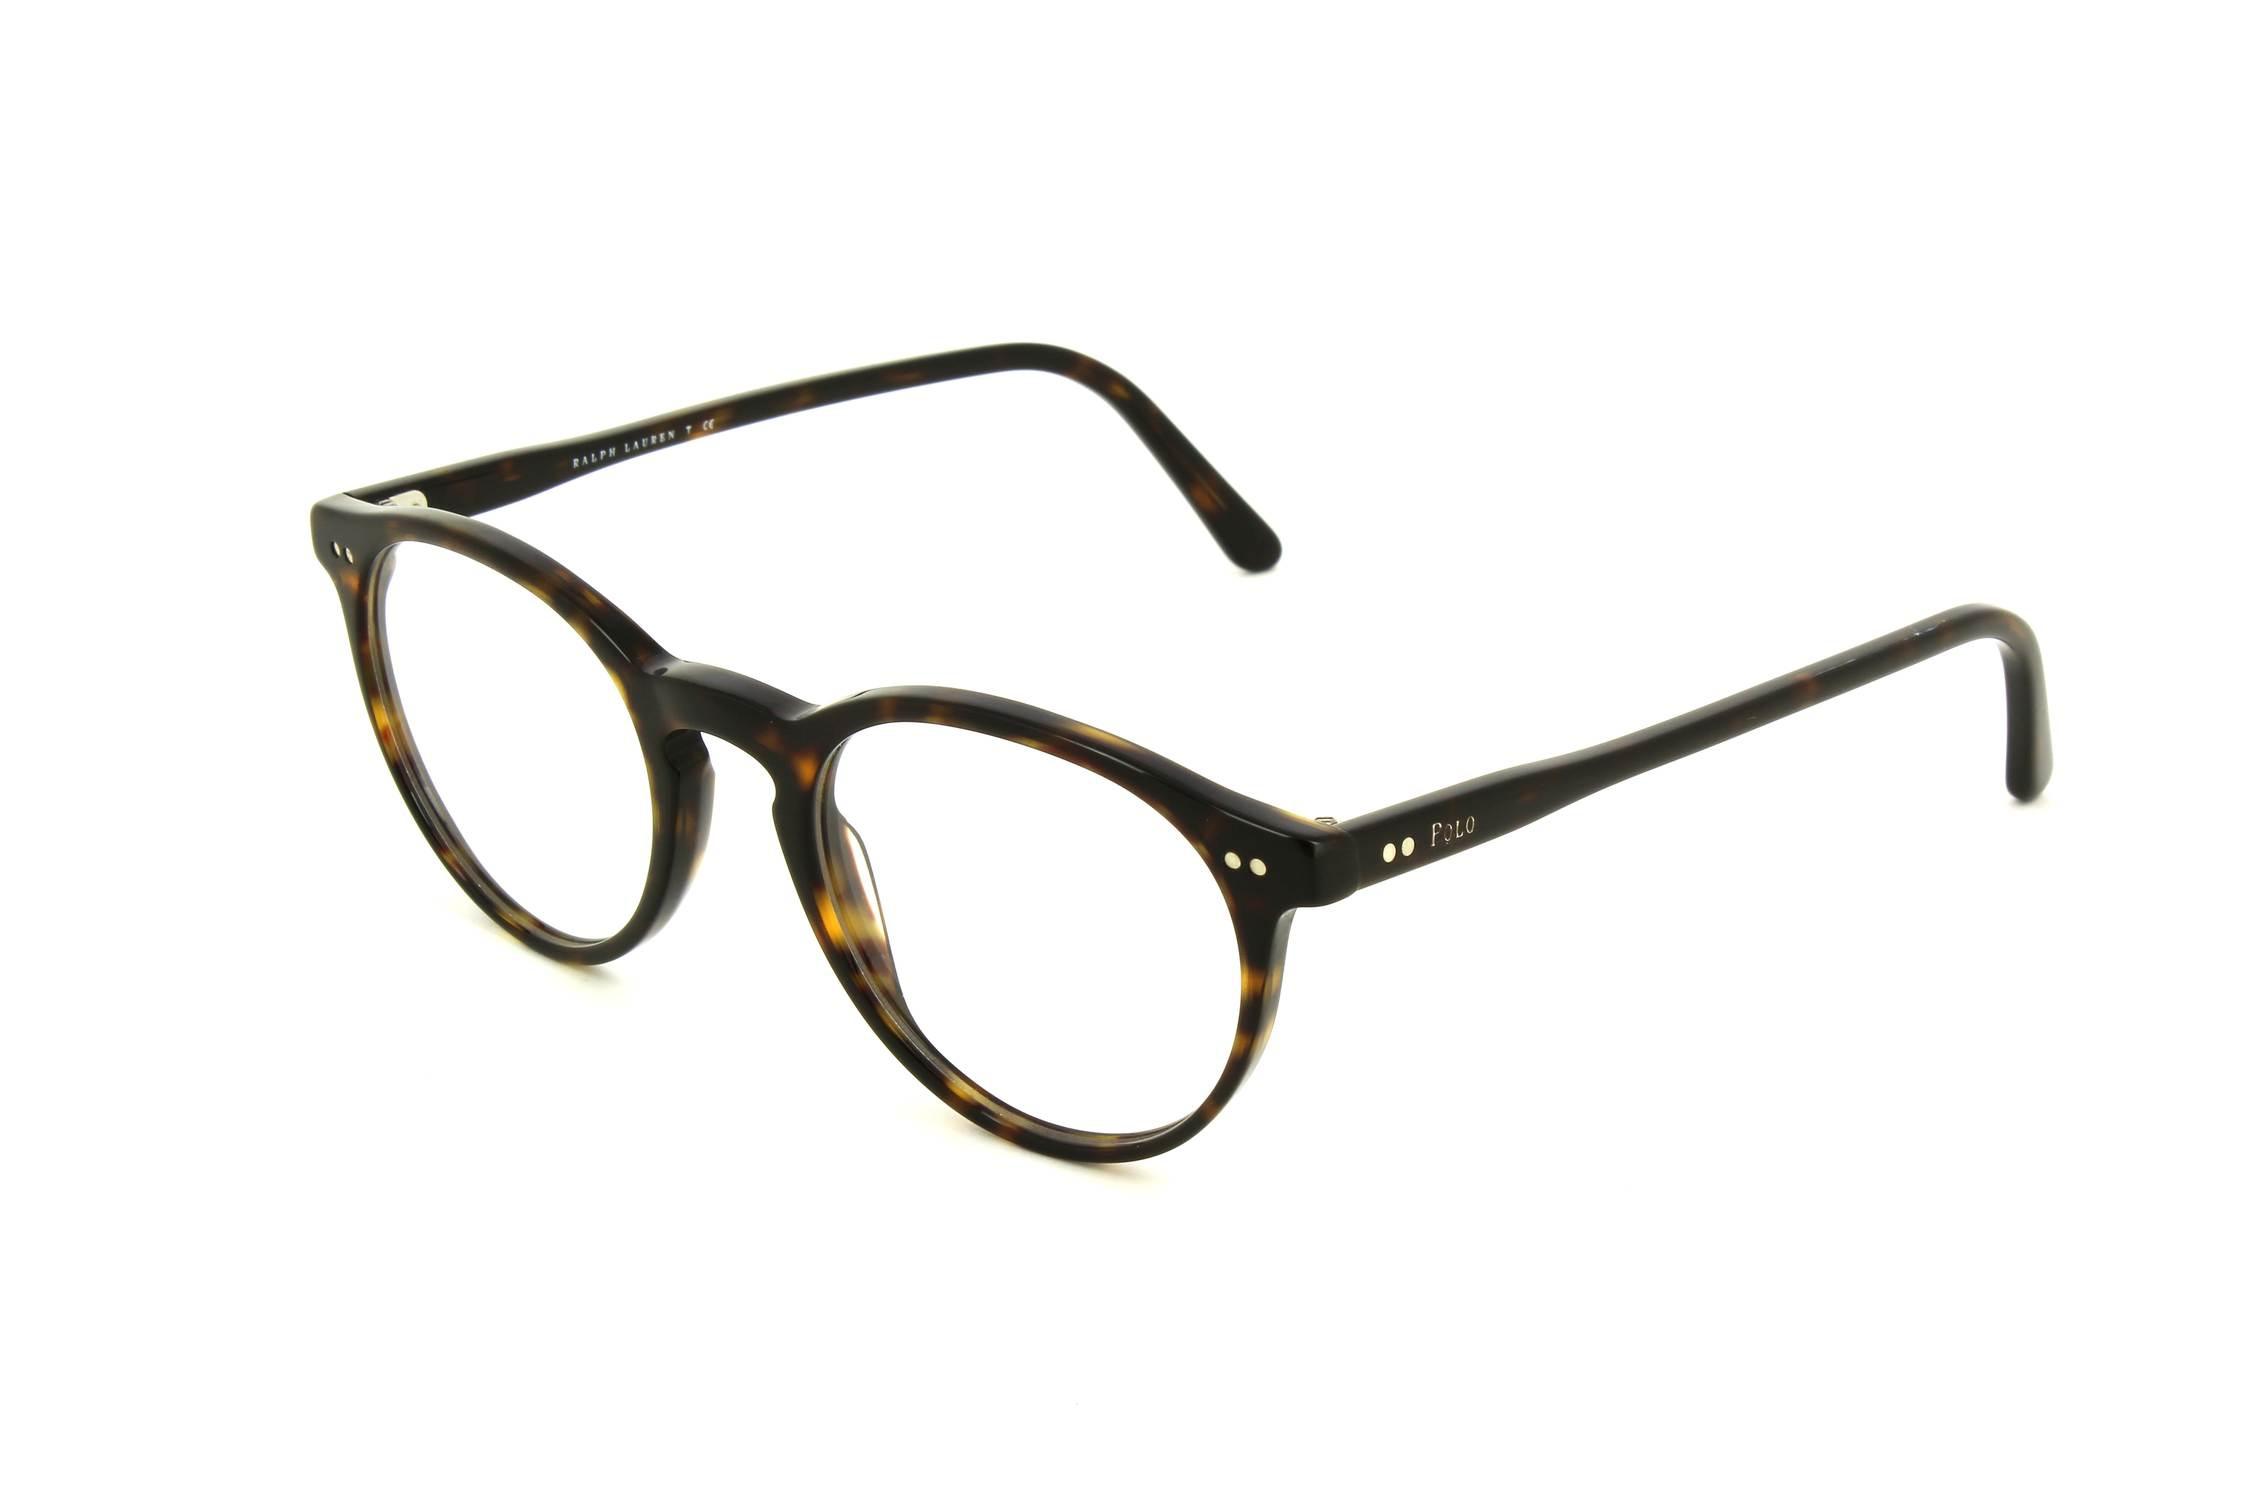 cc9c63cb1a2958 lunette de vue polo ralph lauren homme